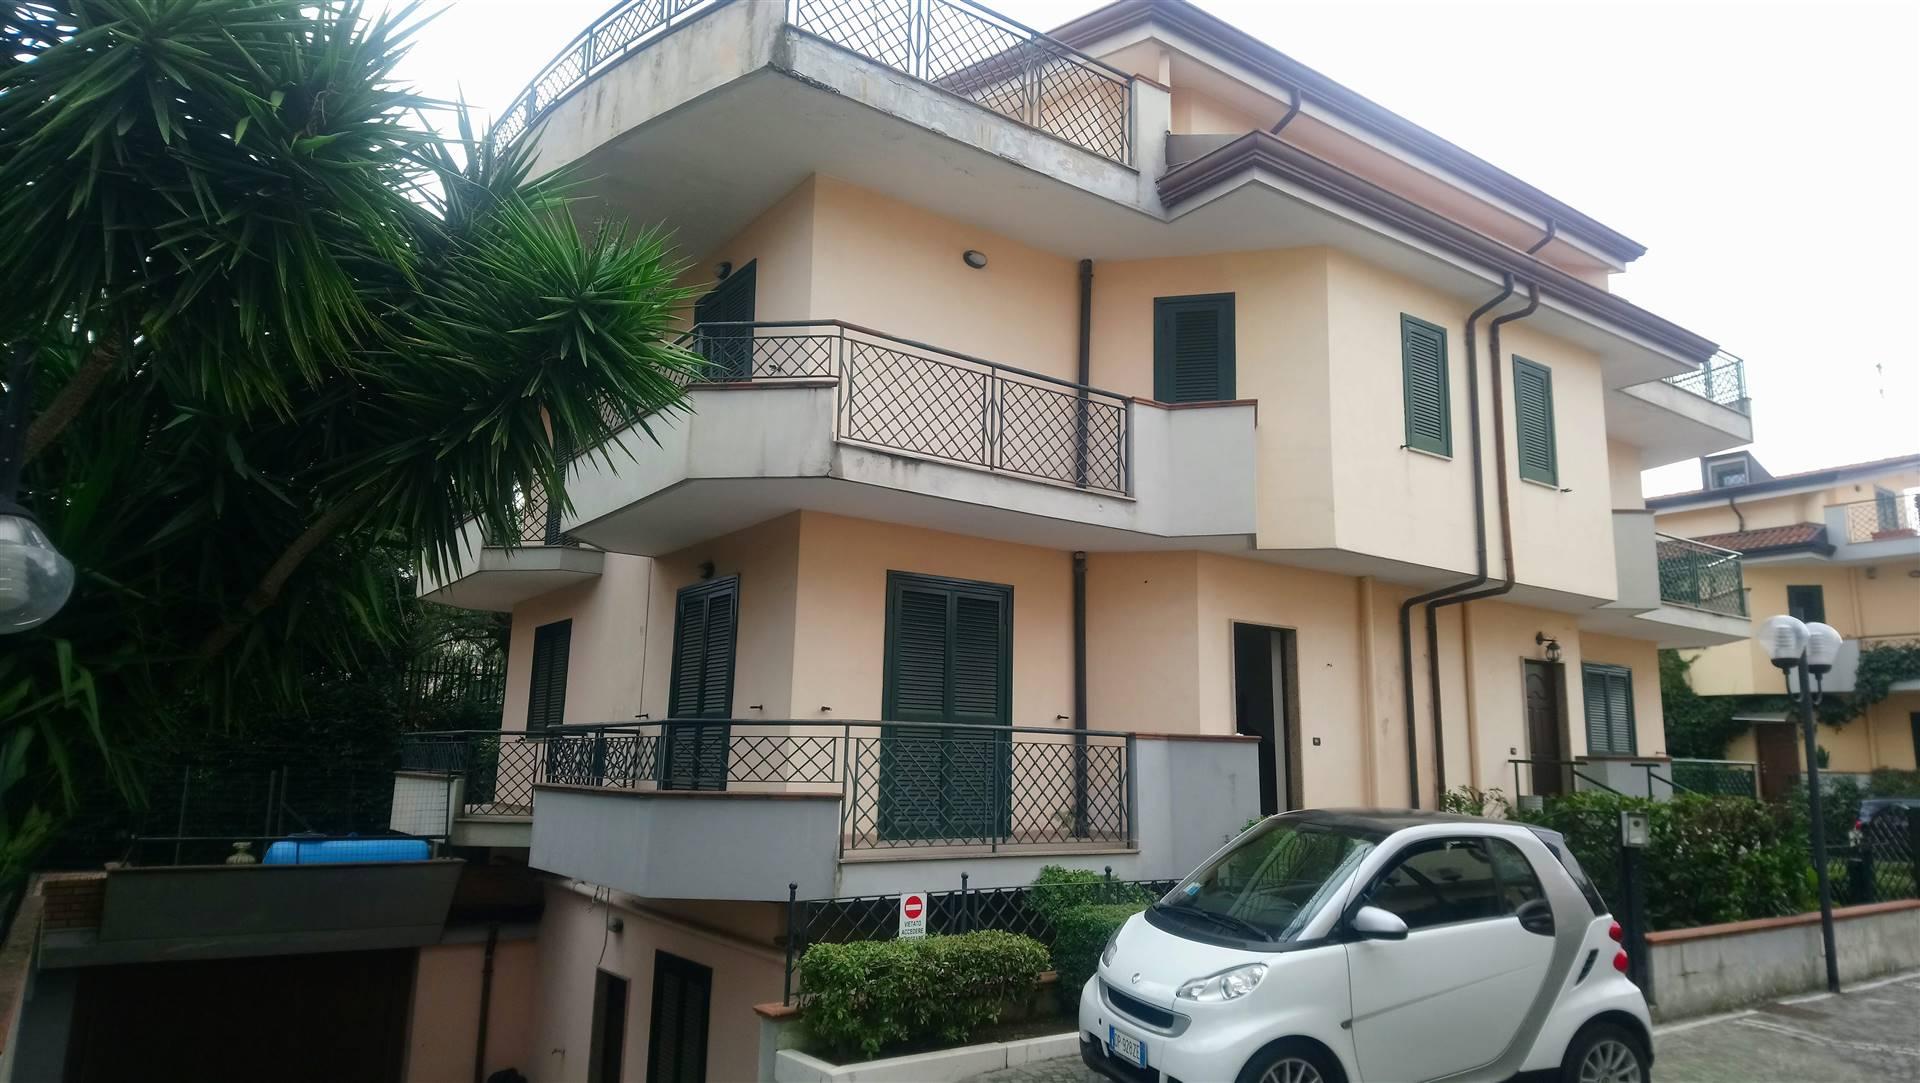 Villa Bifamiliare in affitto a Nola, 6 locali, zona Località: NOLA, prezzo € 950 | CambioCasa.it